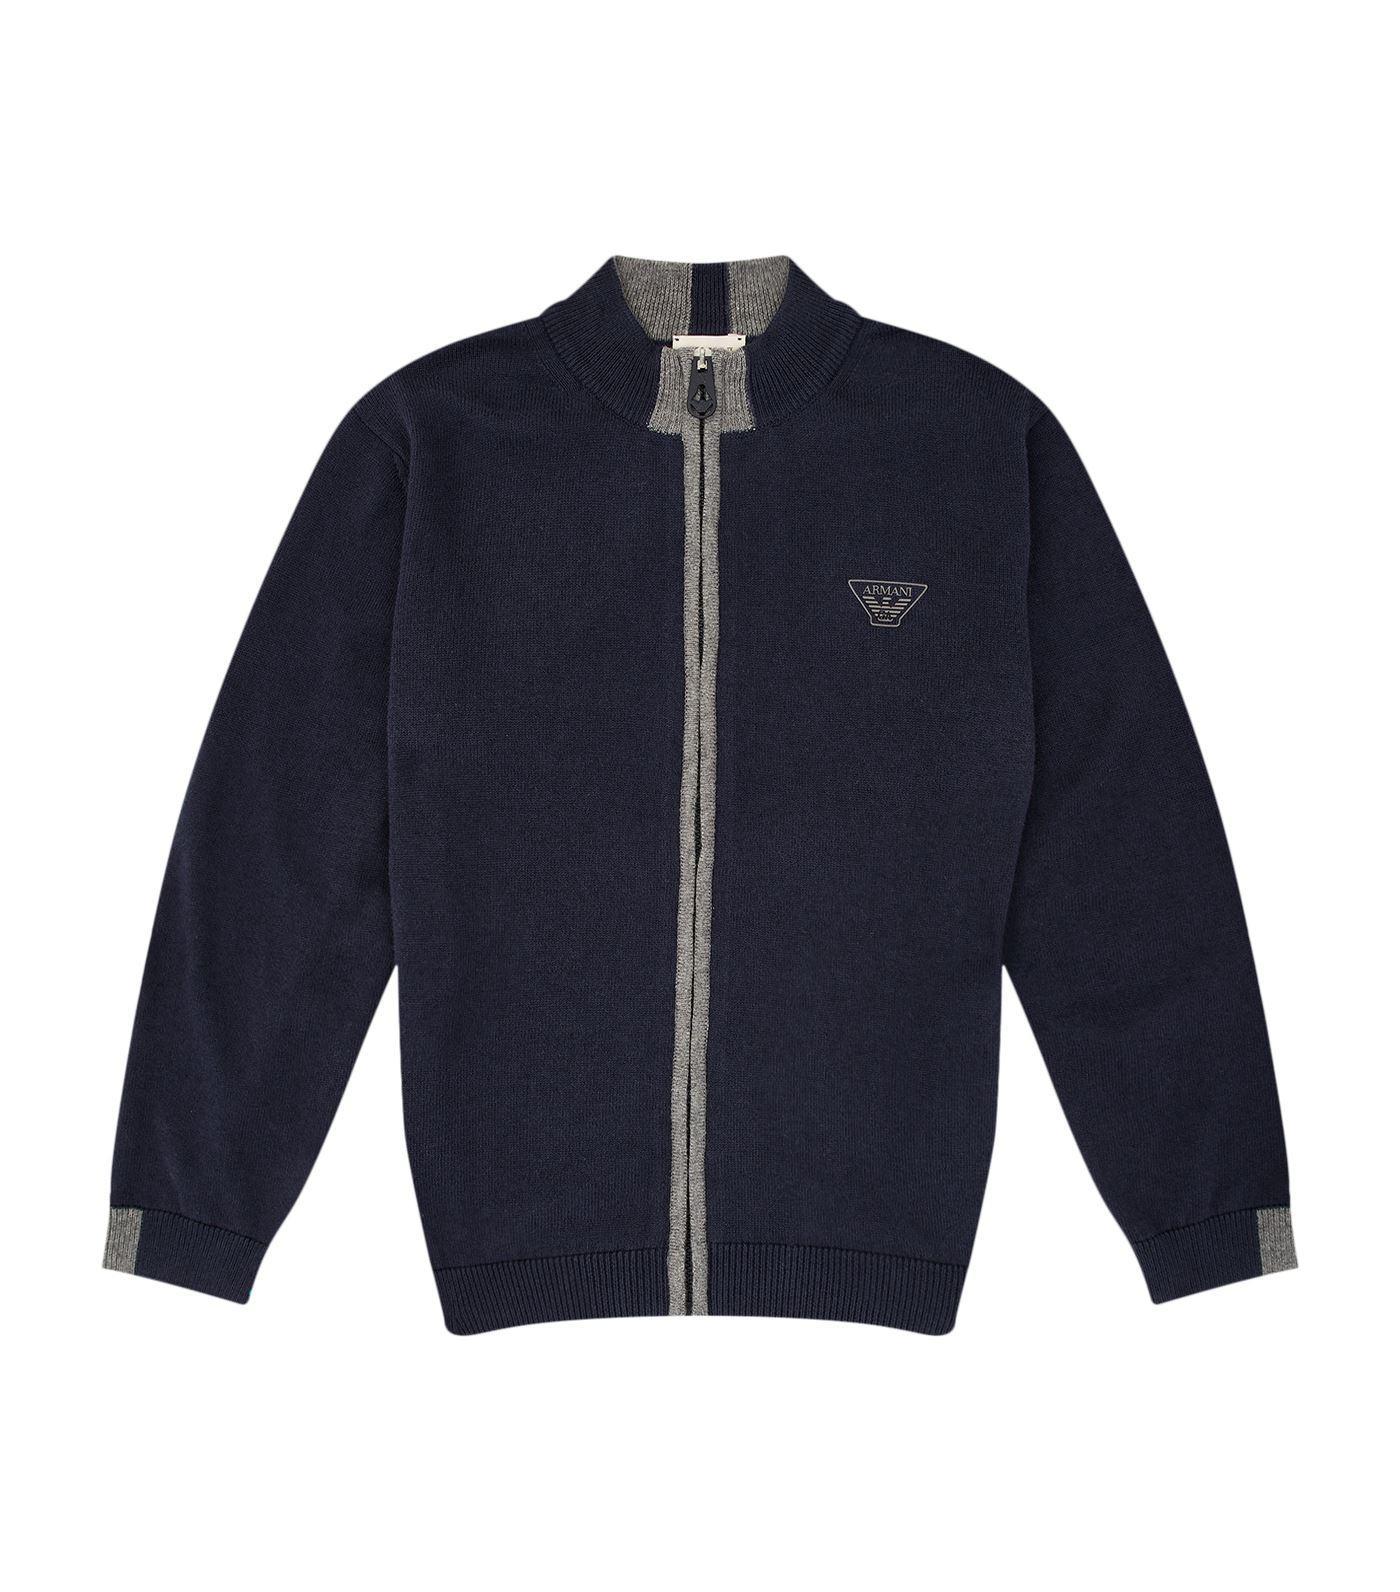 Armani Junior Contrast Zip Sweater In Navy